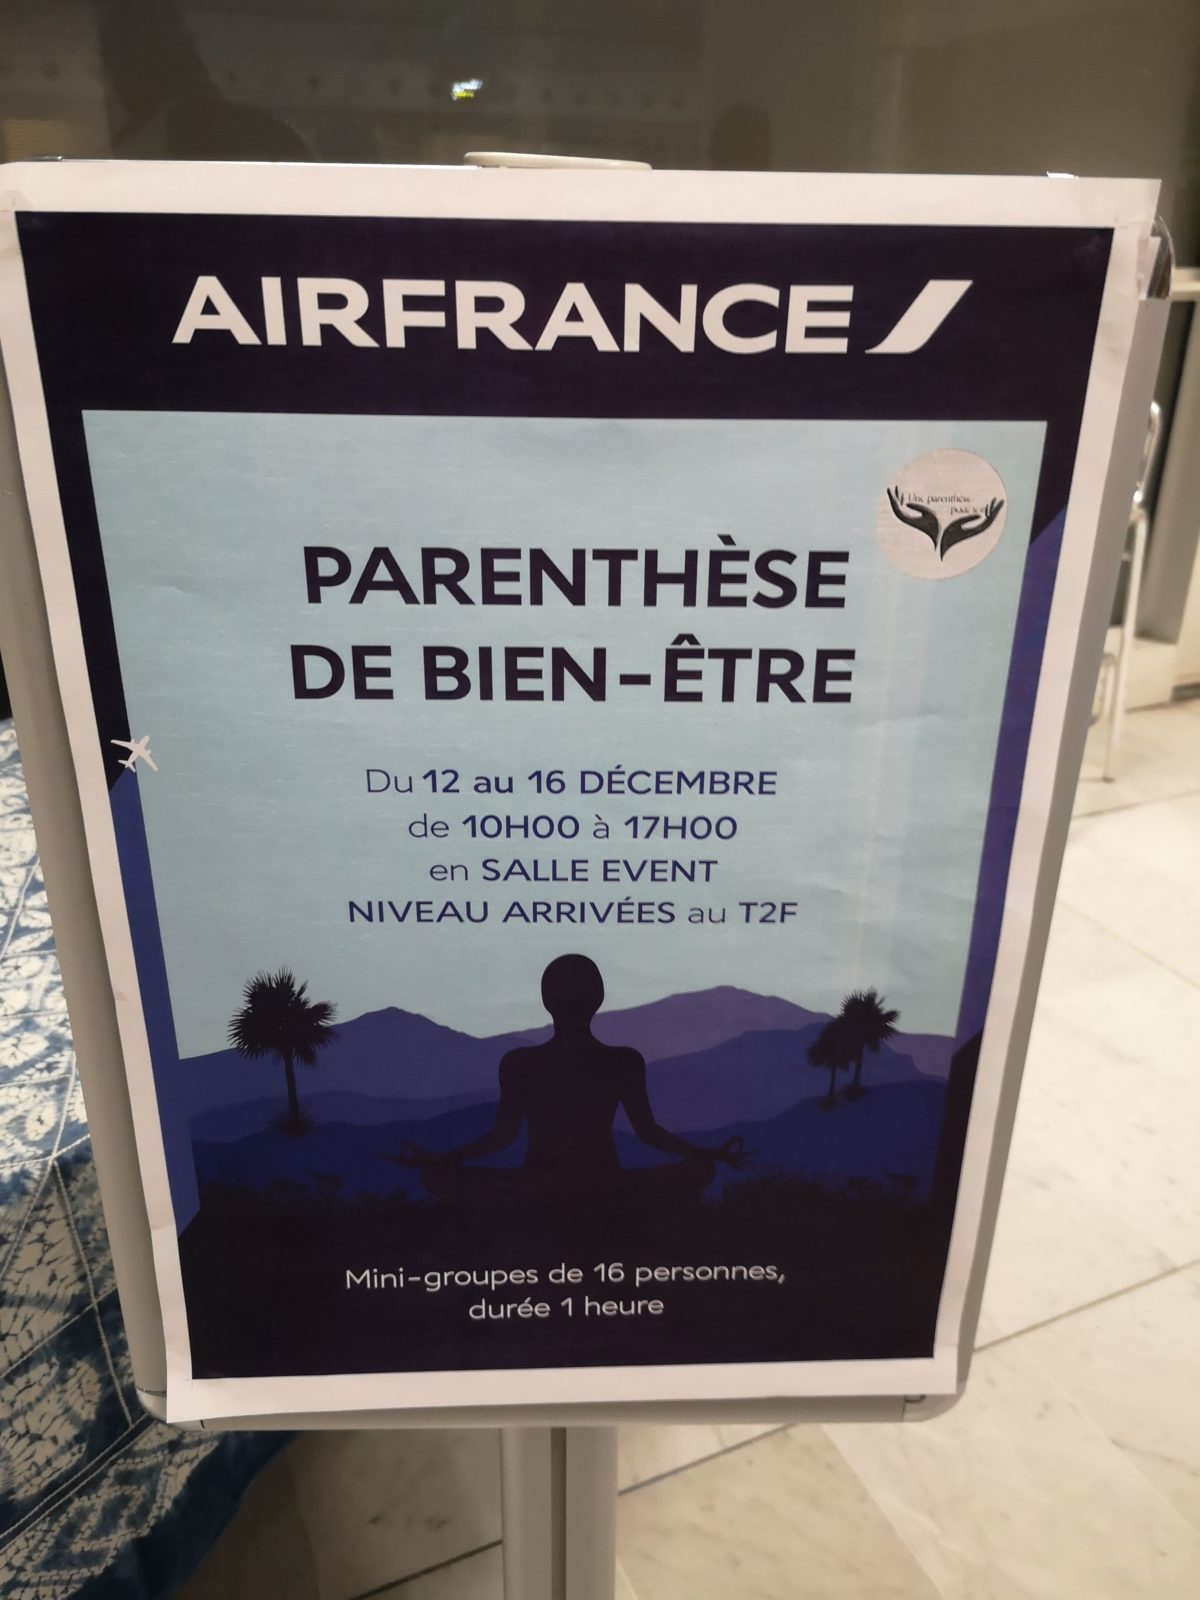 Affiche des journées bien-être en décembre 2019 chez Air France